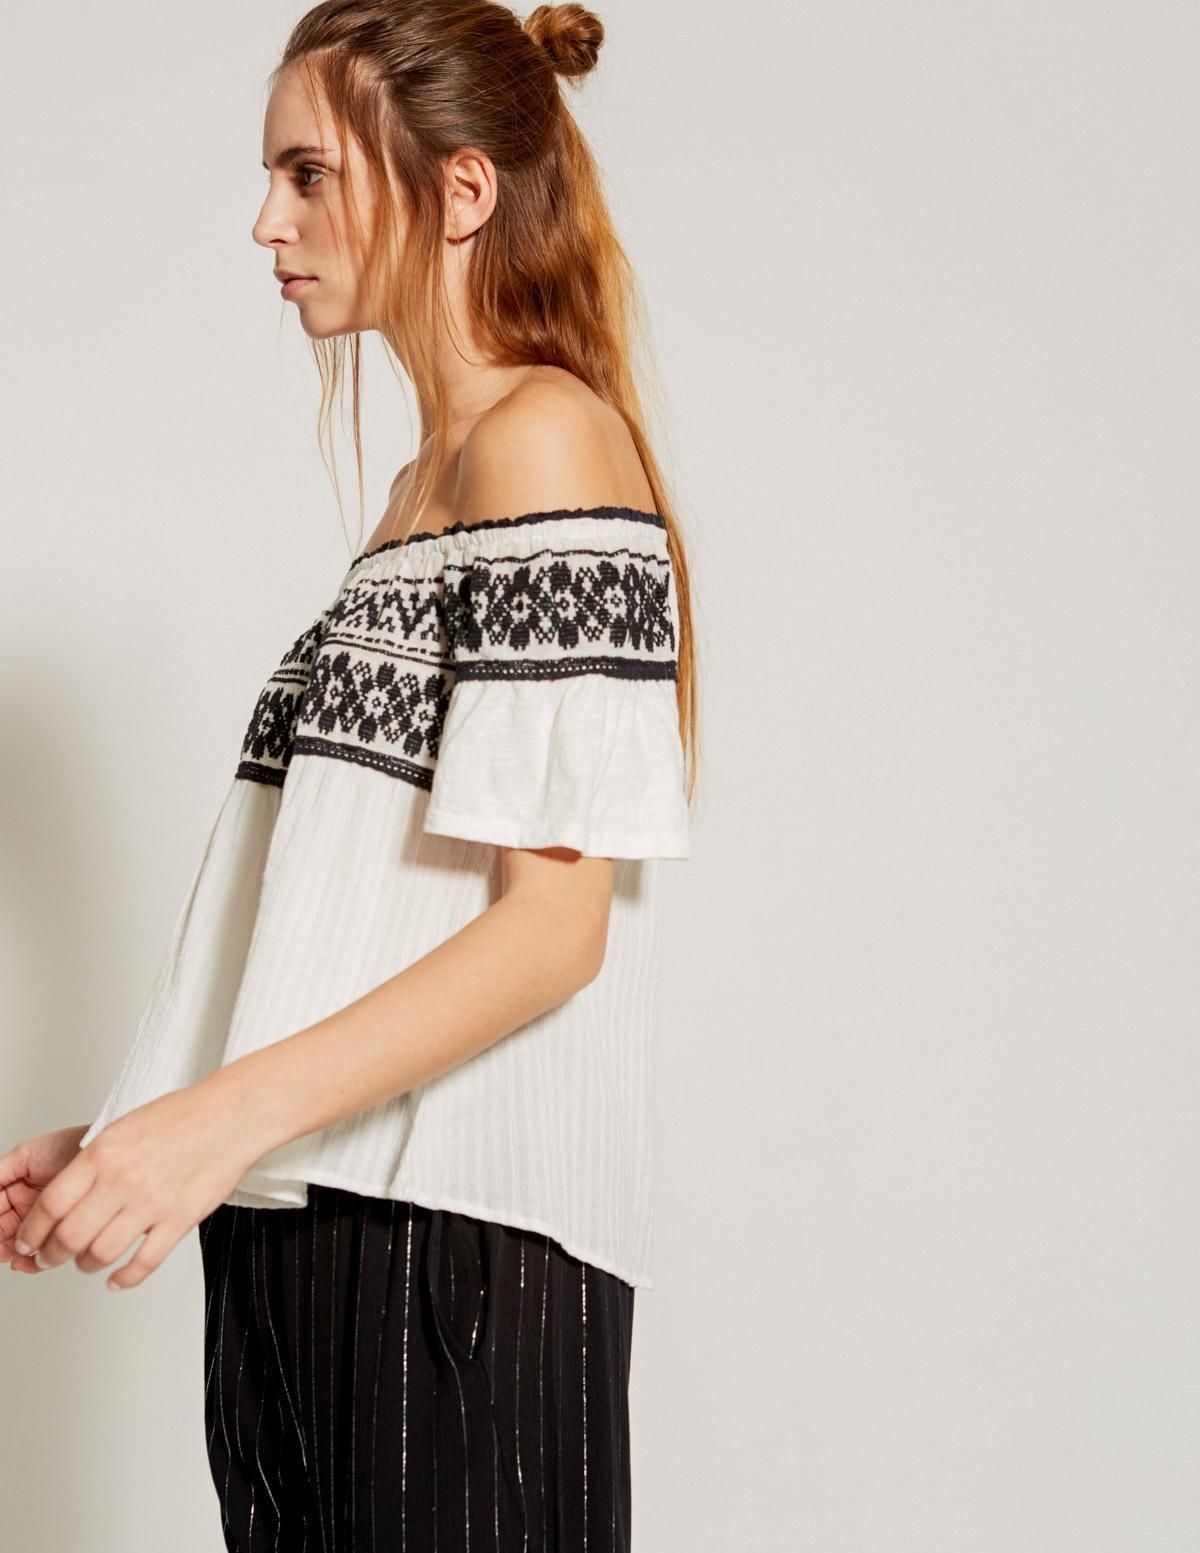 Camiseta bordado canesú - Ítem1